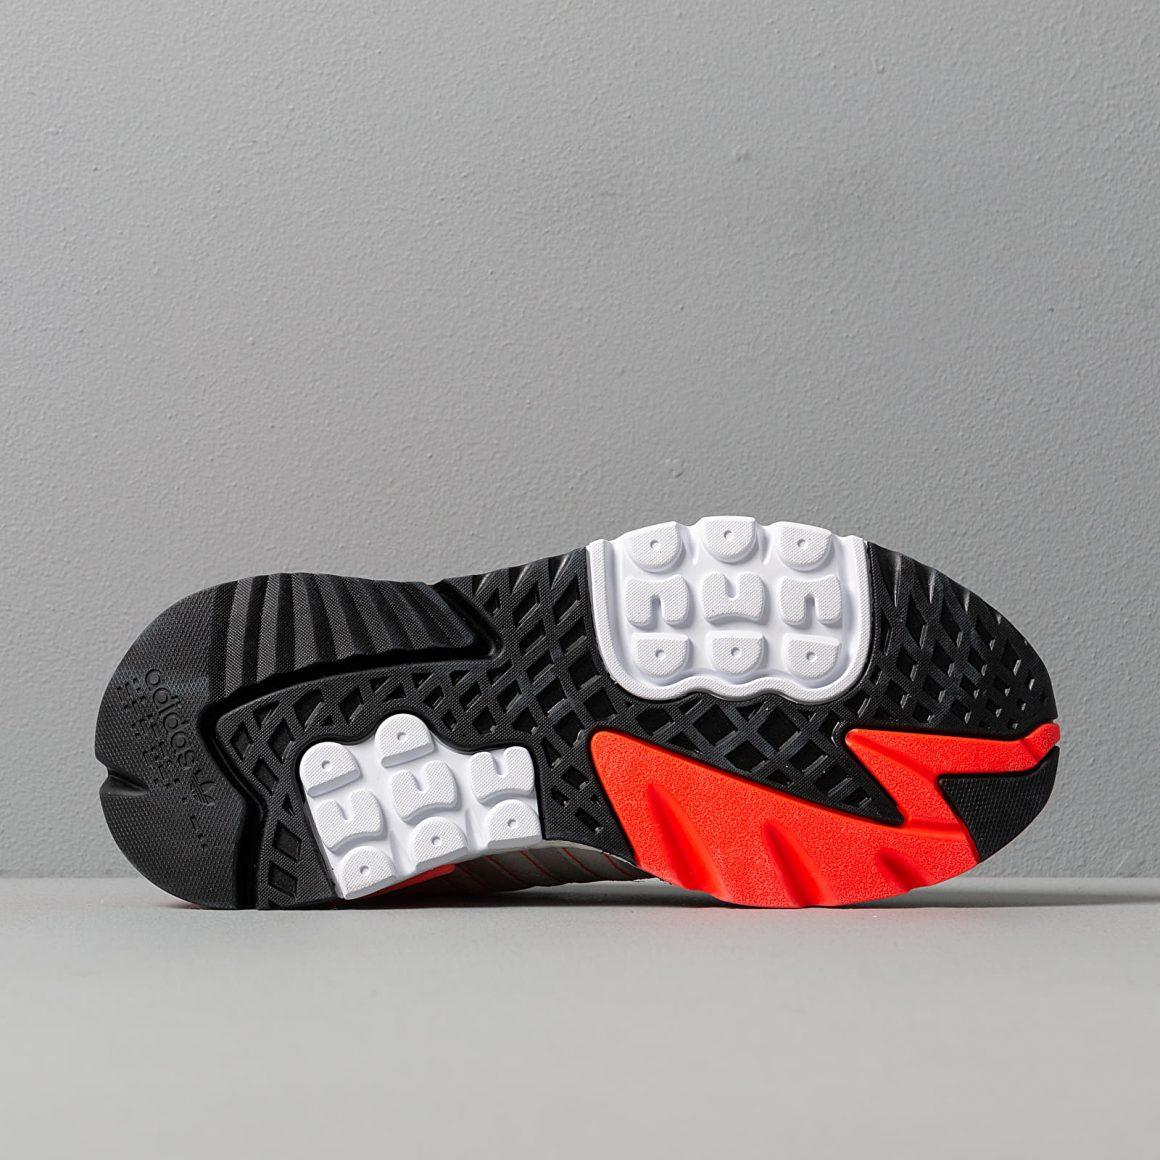 adidas Nite Jogger ''Morse Code''